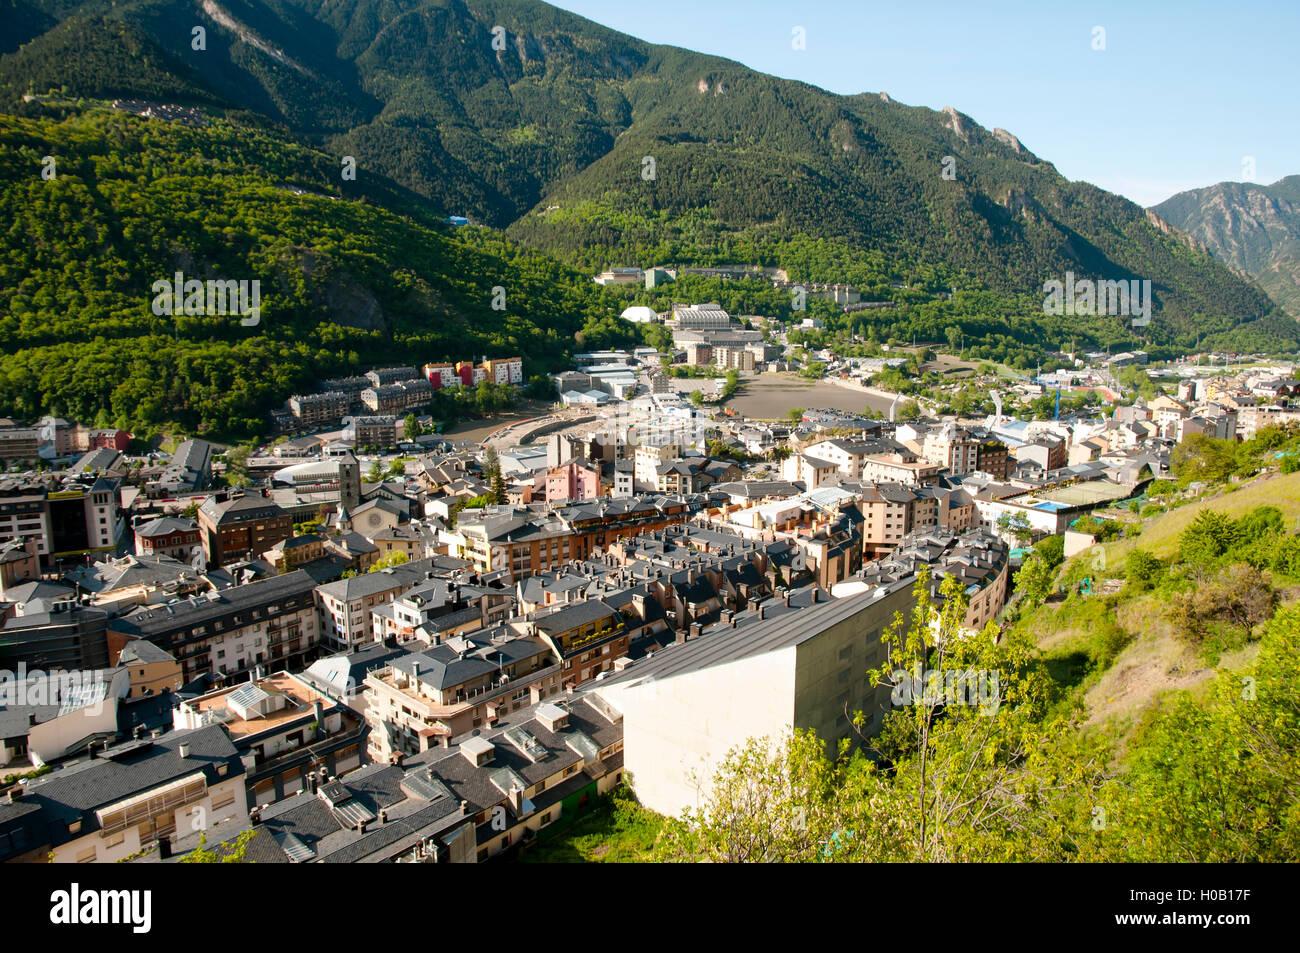 Andorra La Vella - Andorra - Stock Image